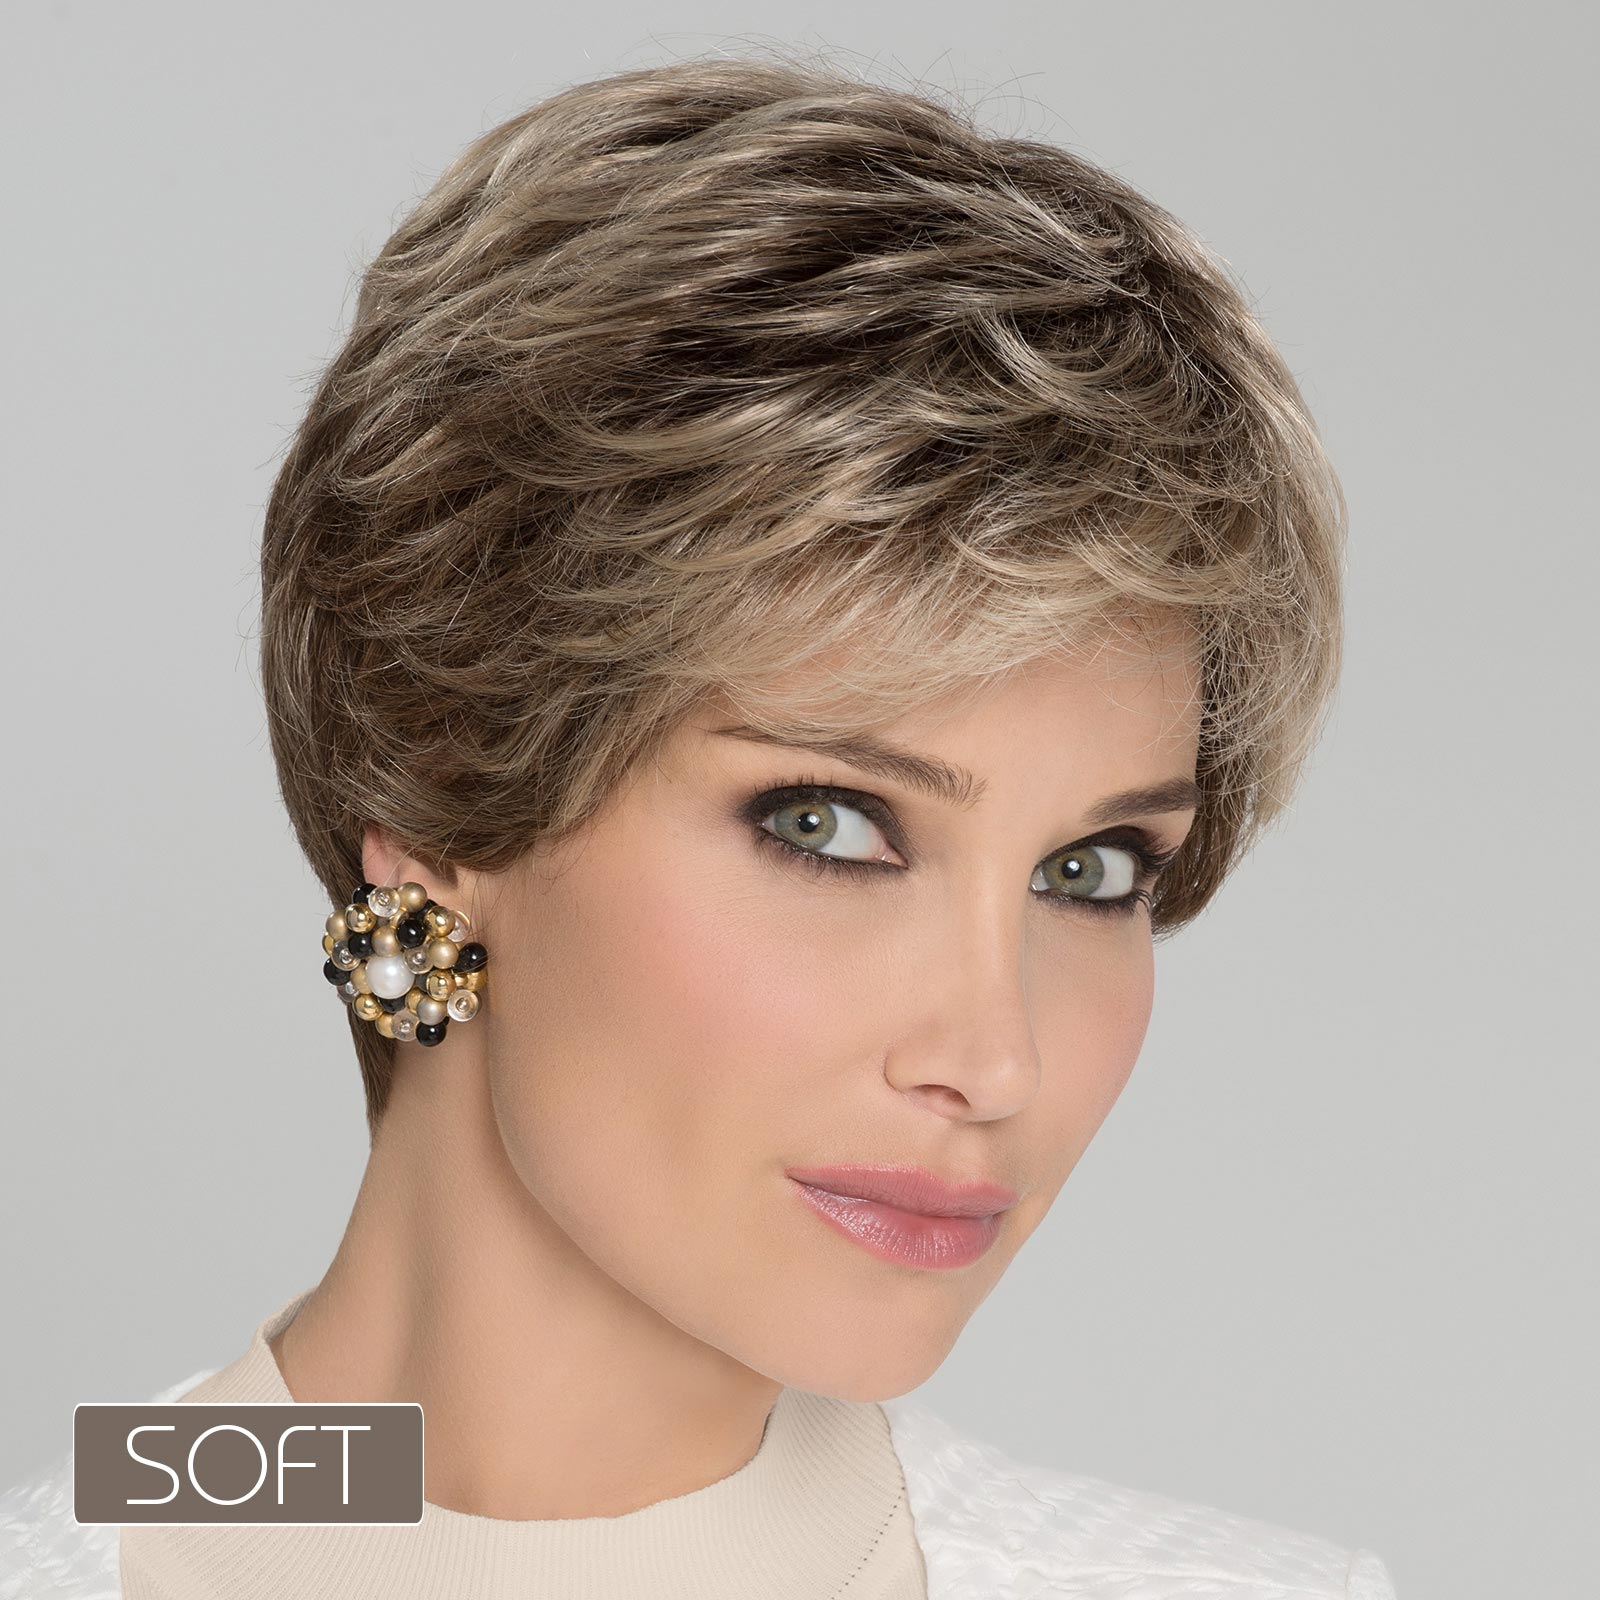 Prótese Capilar Coleção Modixx HairWear Modelo Savona Soft